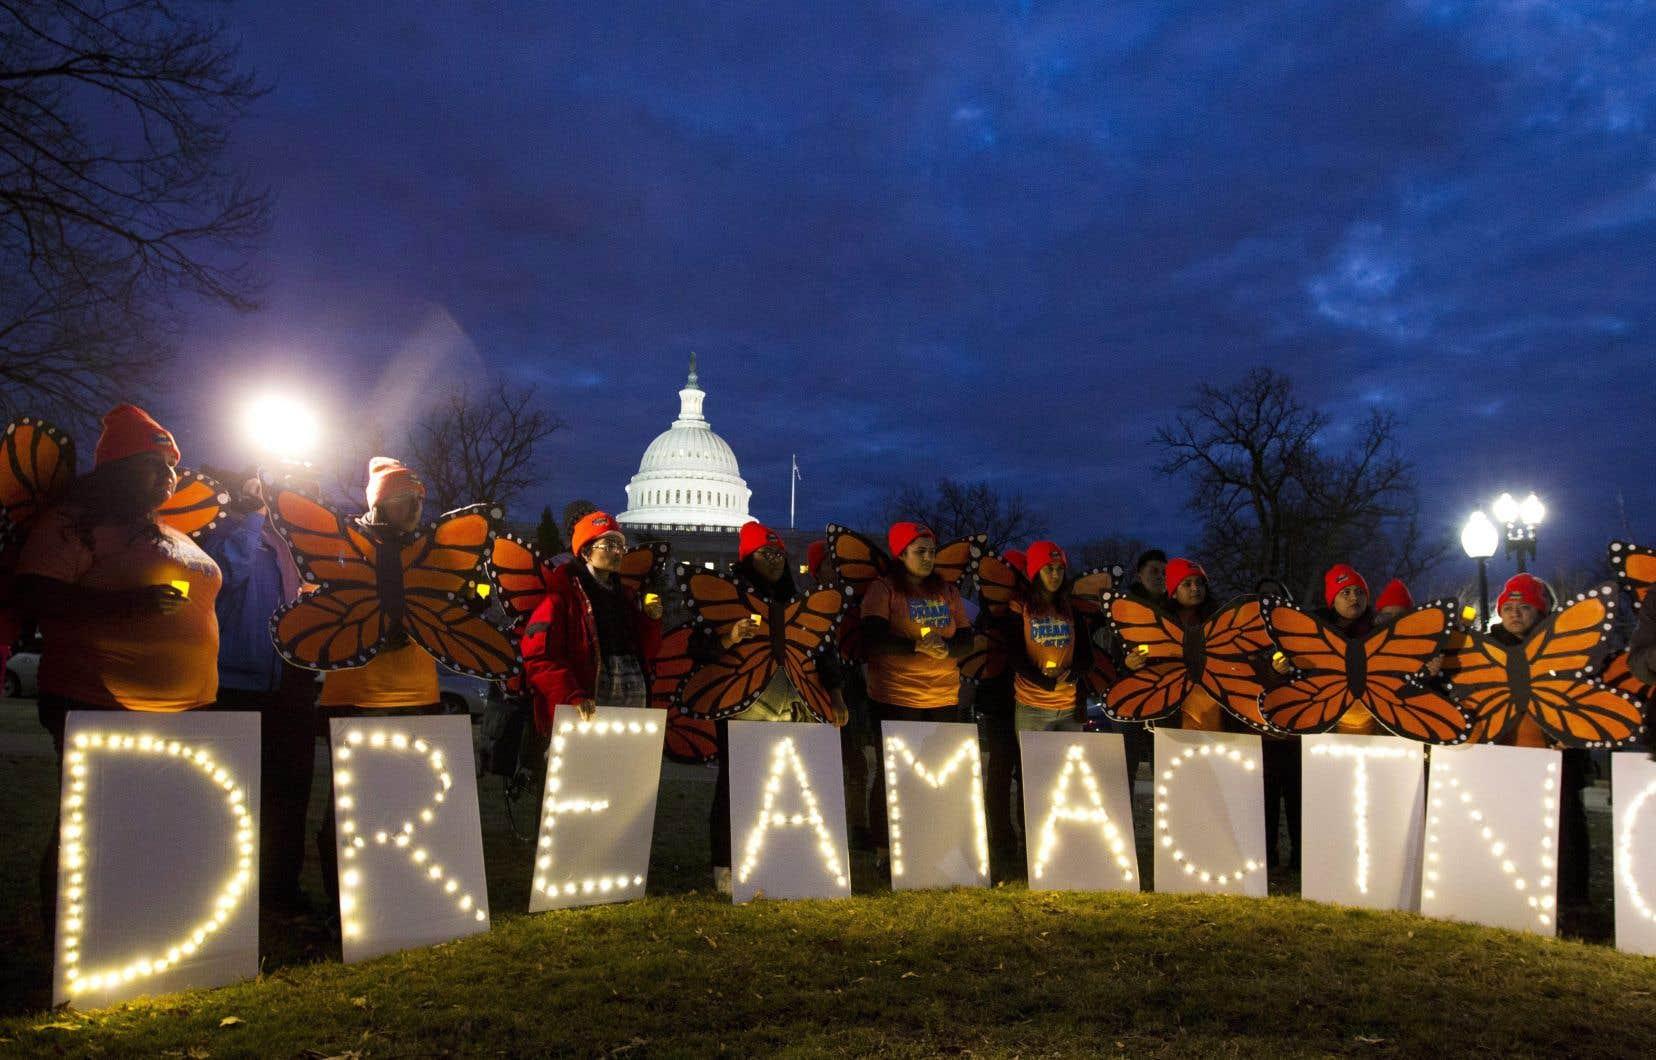 Des manifestants en faveur des «Dreamers» se sont réunis devant le Capitol, à Washington, en janvier dernier.